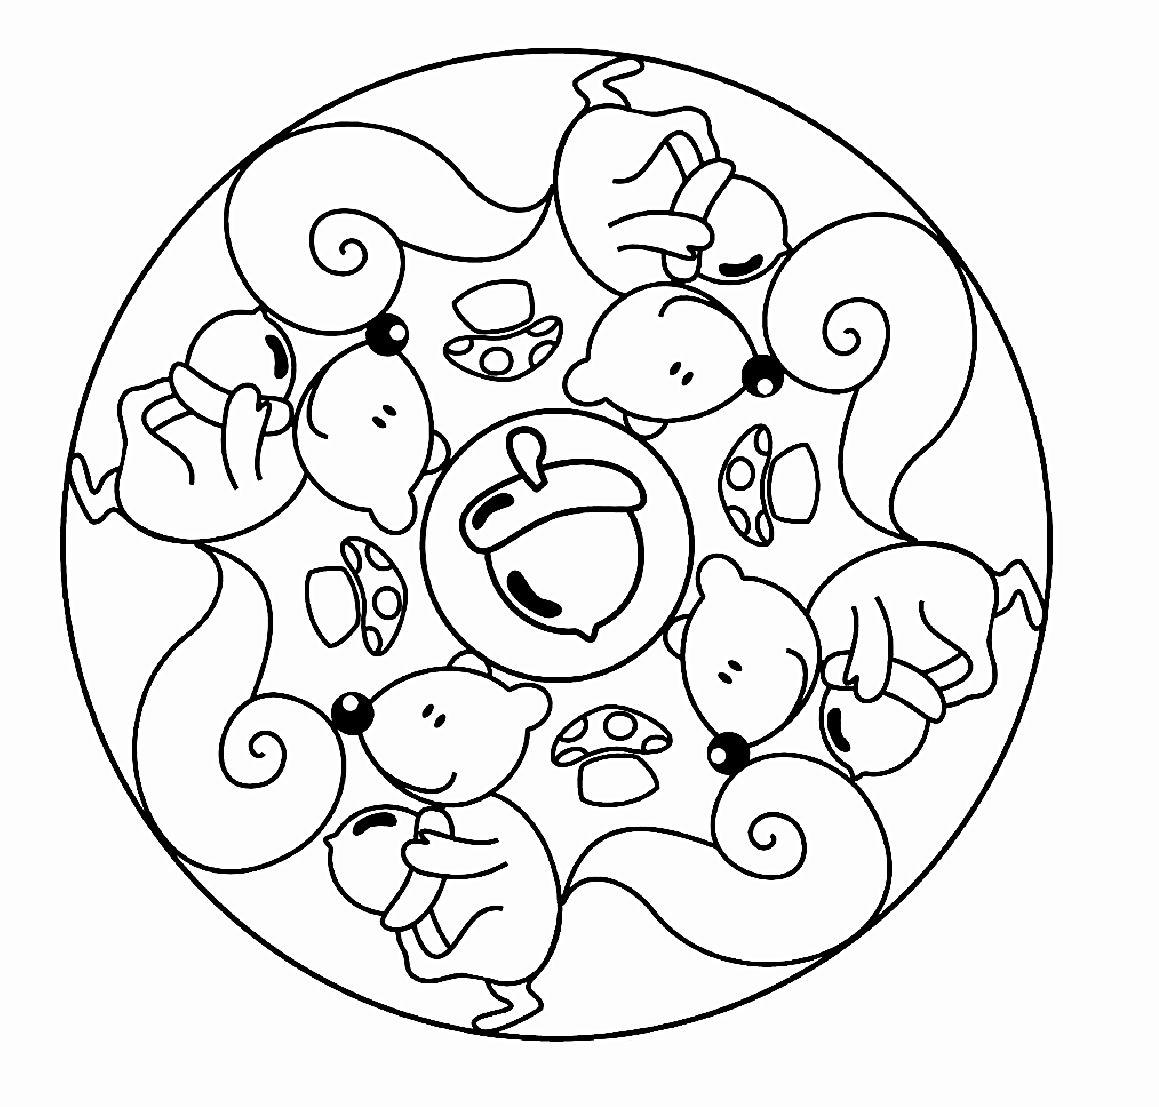 Herbst Ausmalbilder Igel : Mandala 282 Mandala Pinterest Ausmalbilder Herbst